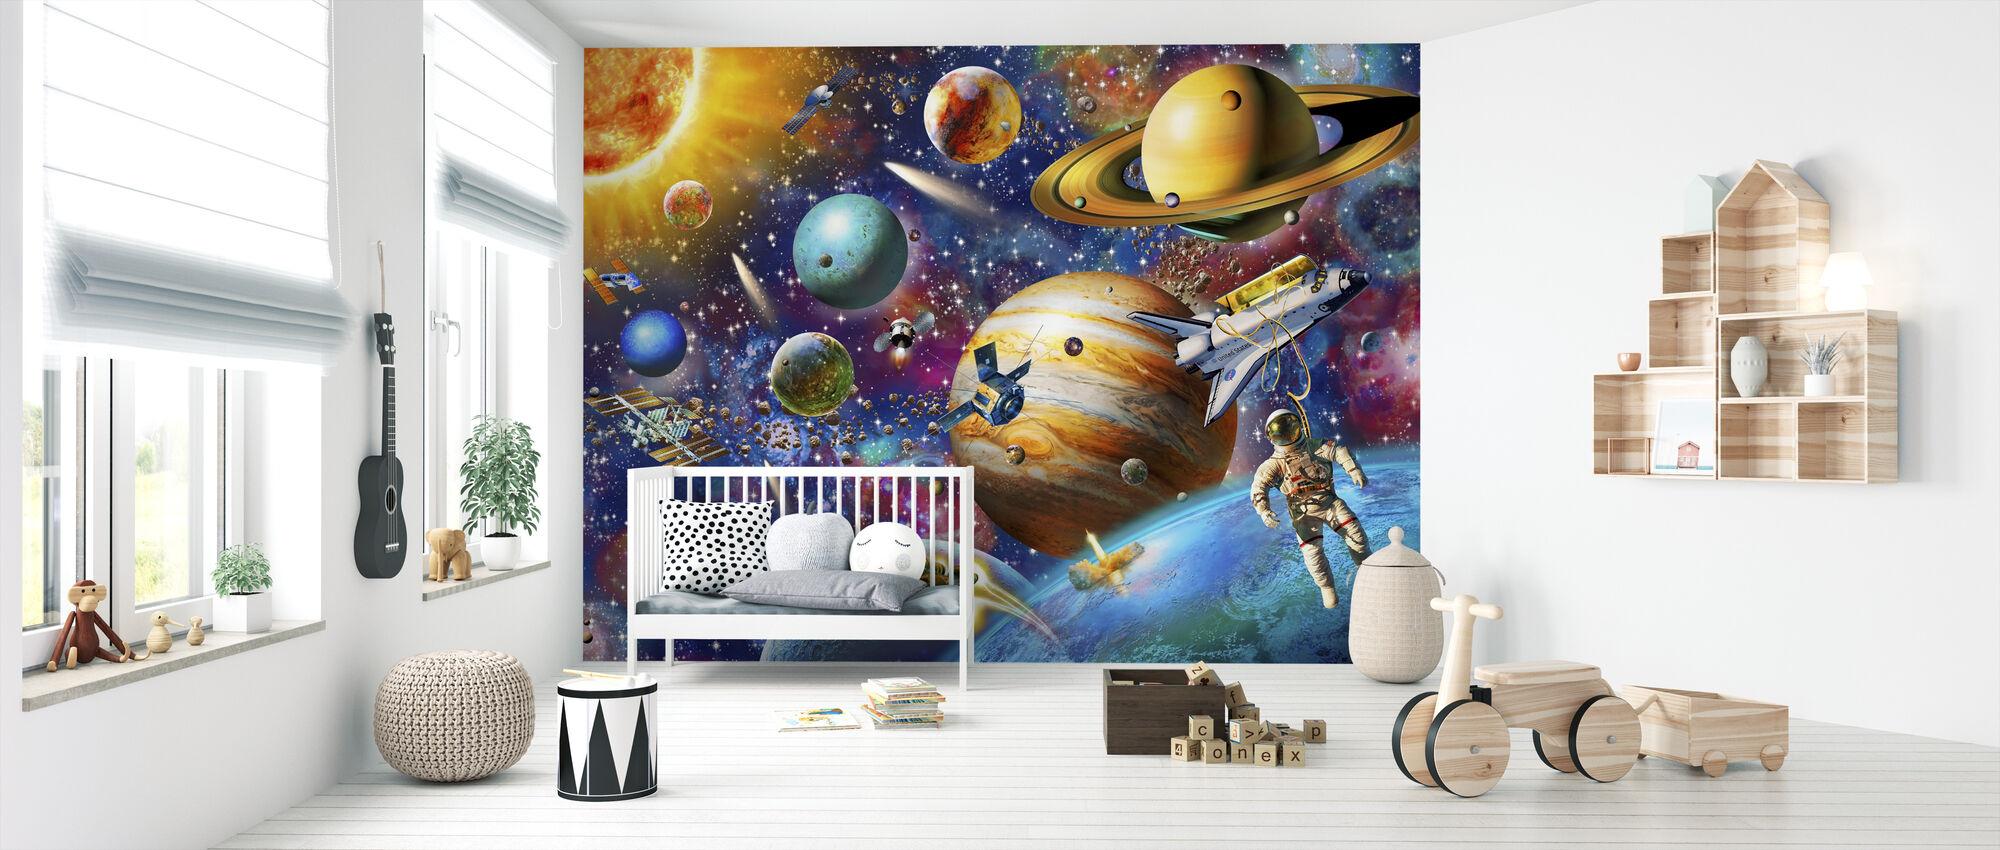 solar system odyssey - photo #21